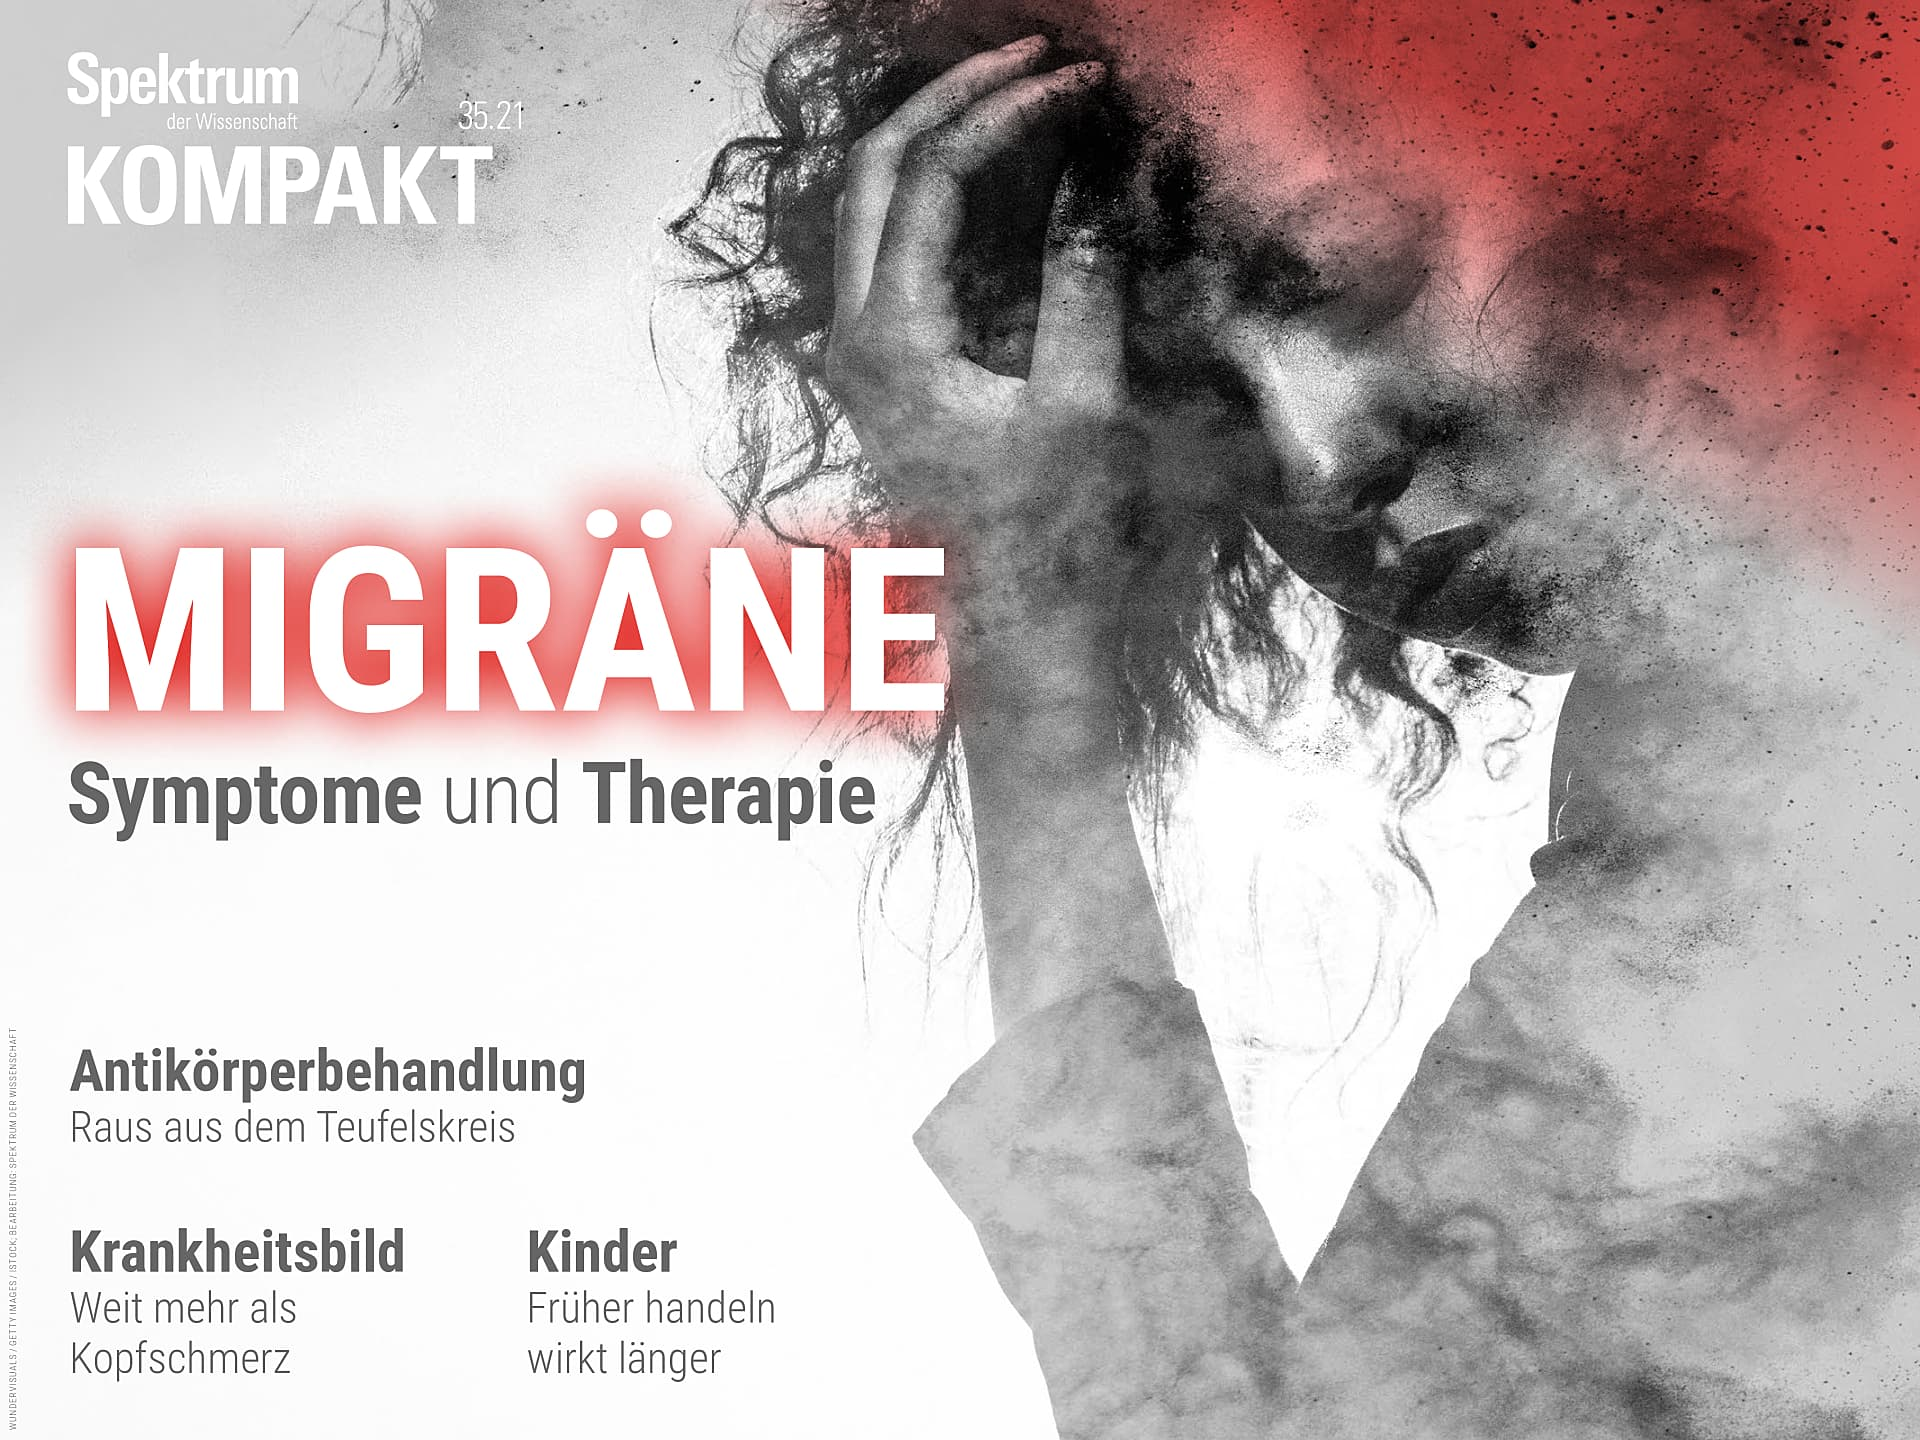 Migräne - Symptome und Therapie